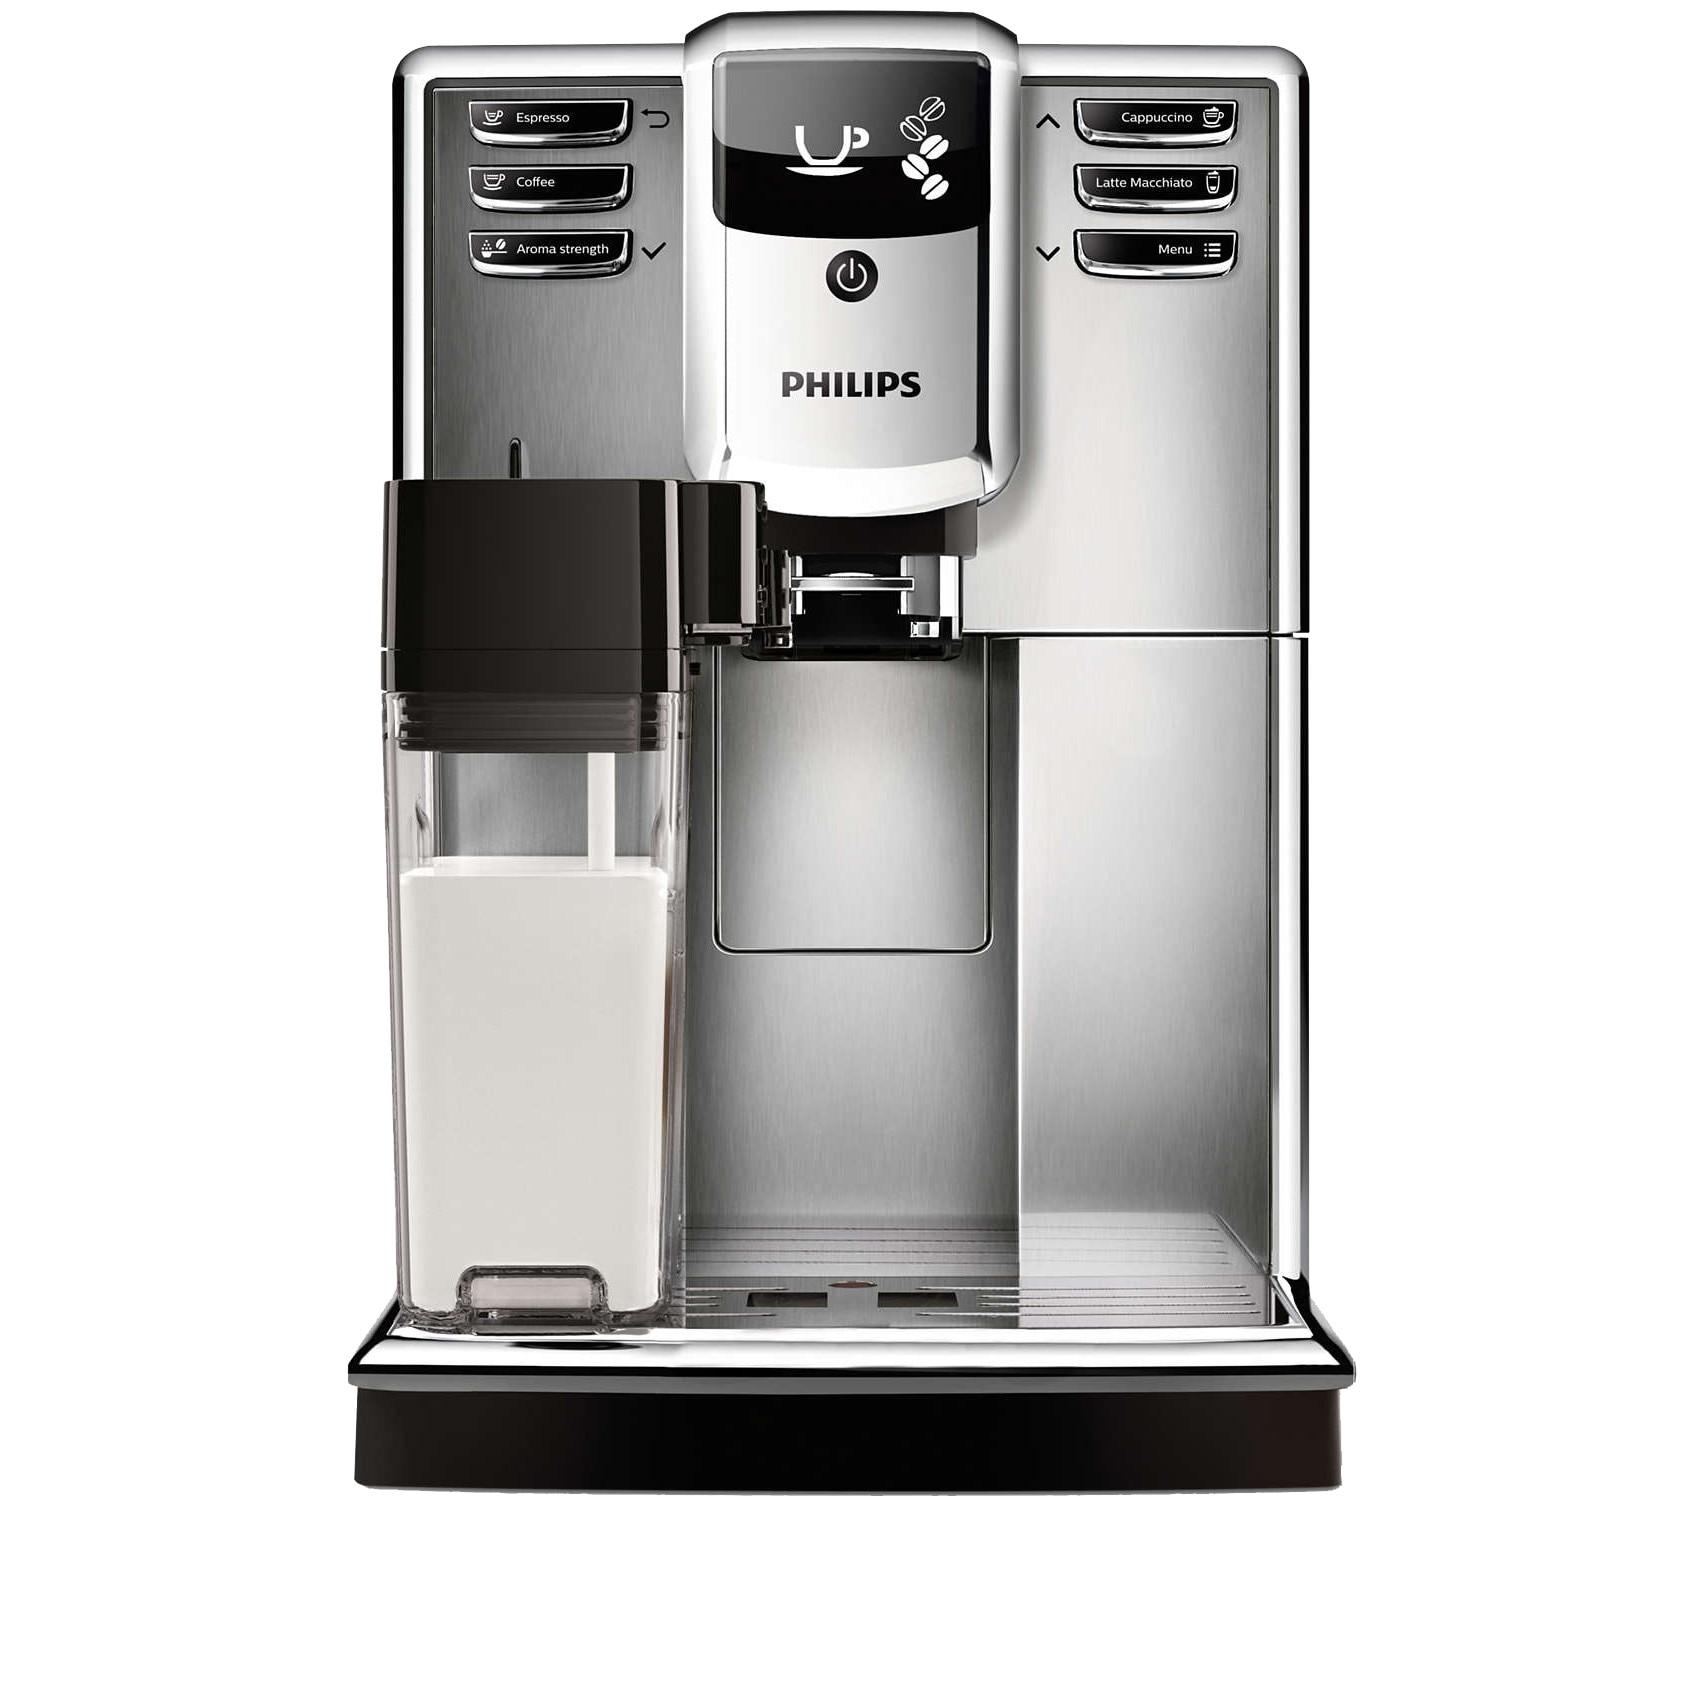 Fotografie Espressor automat Philips EP5365/10, Seria 5000, Carafă pentru lapte integrată, 5 băuturi, 5 setari intensitate, 5 trepte macinare, flitru Aqua Clean, rasnita ceramica, Otel